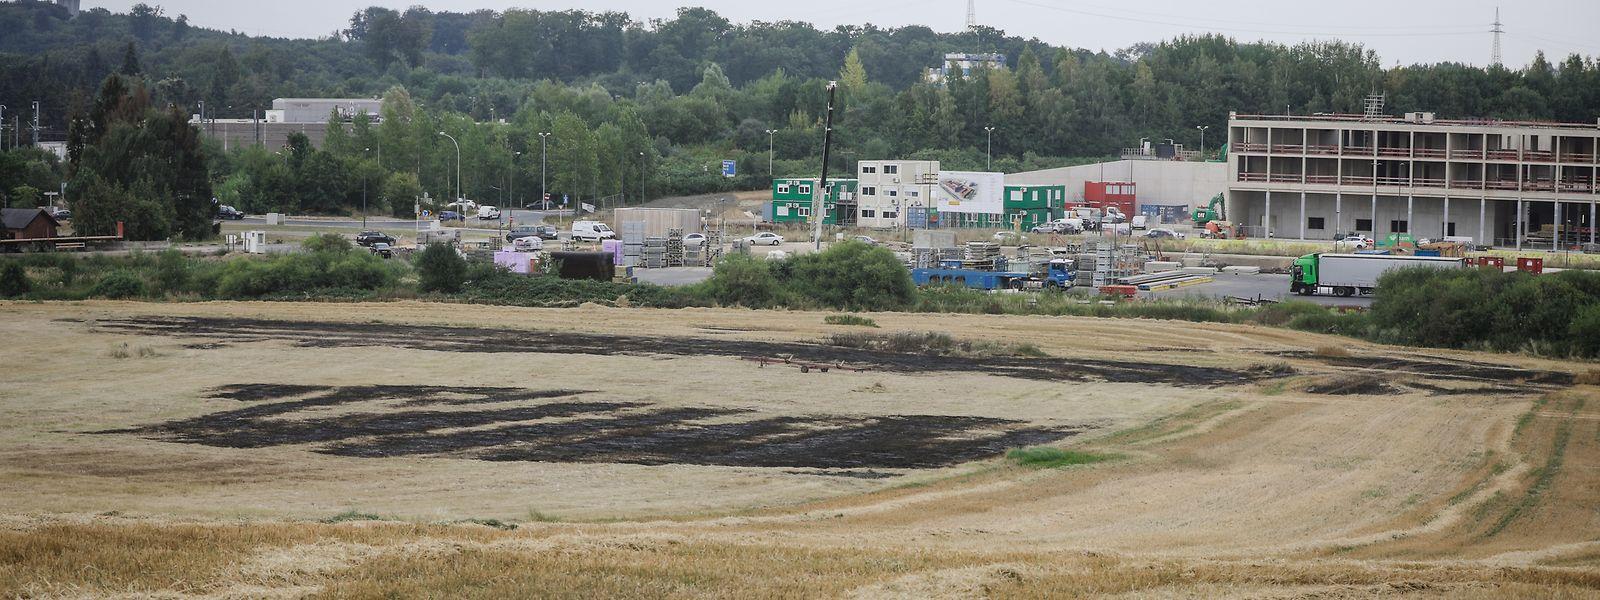 Die Spuren vom Flächenbrand auf einem Feld in Gasperich am Mittwoch sind deutlich zu sehen.